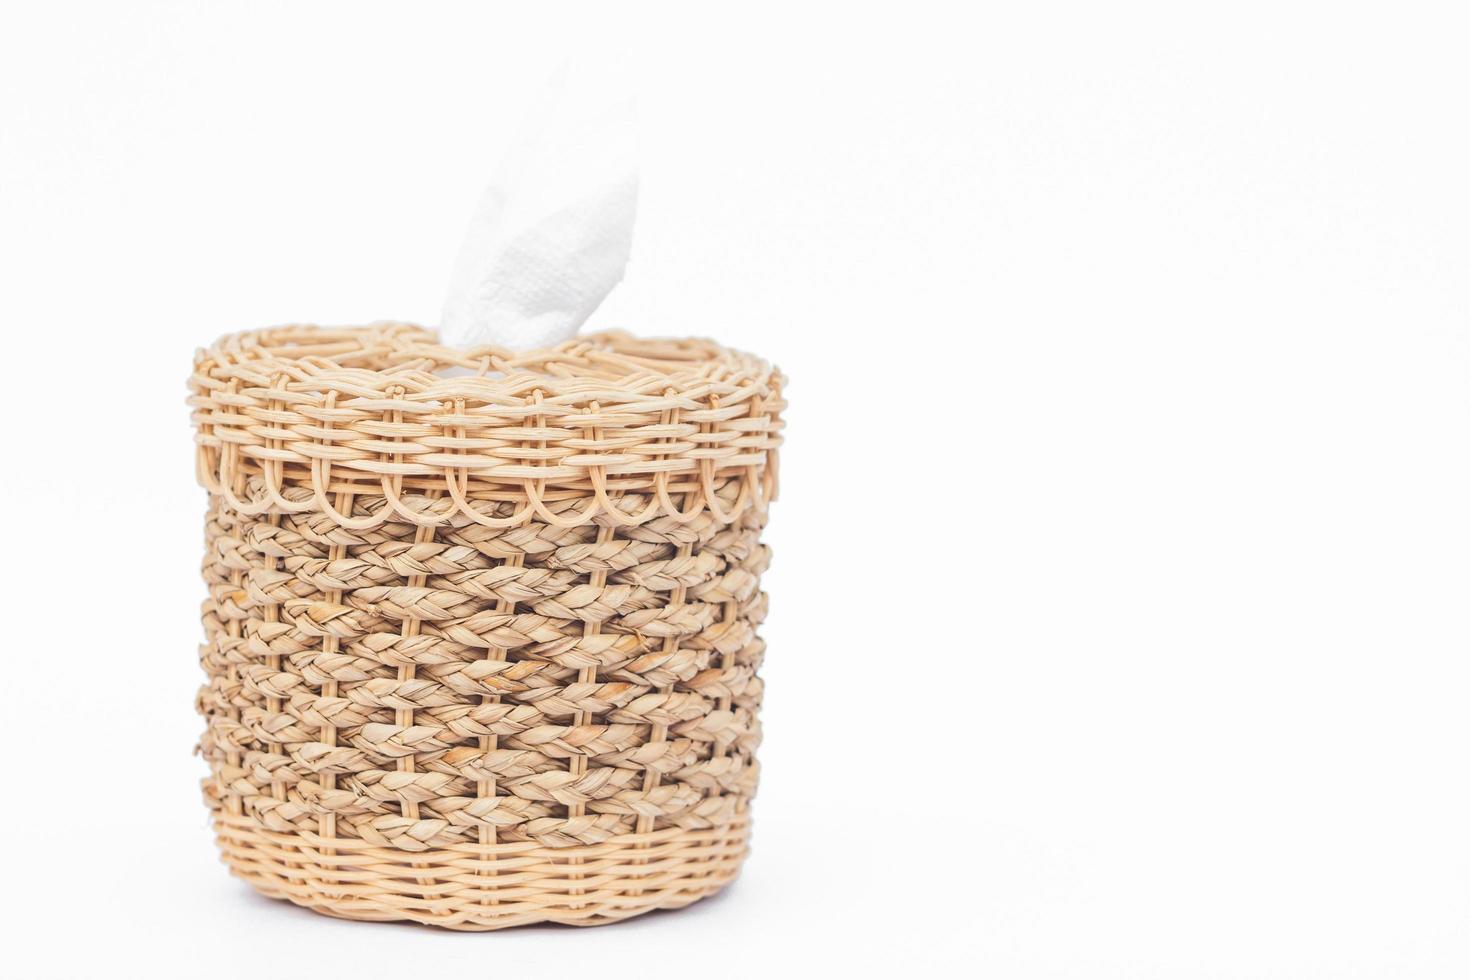 gewebte Taschentuchbox mit Kopierraum auf weißem Hintergrund foto